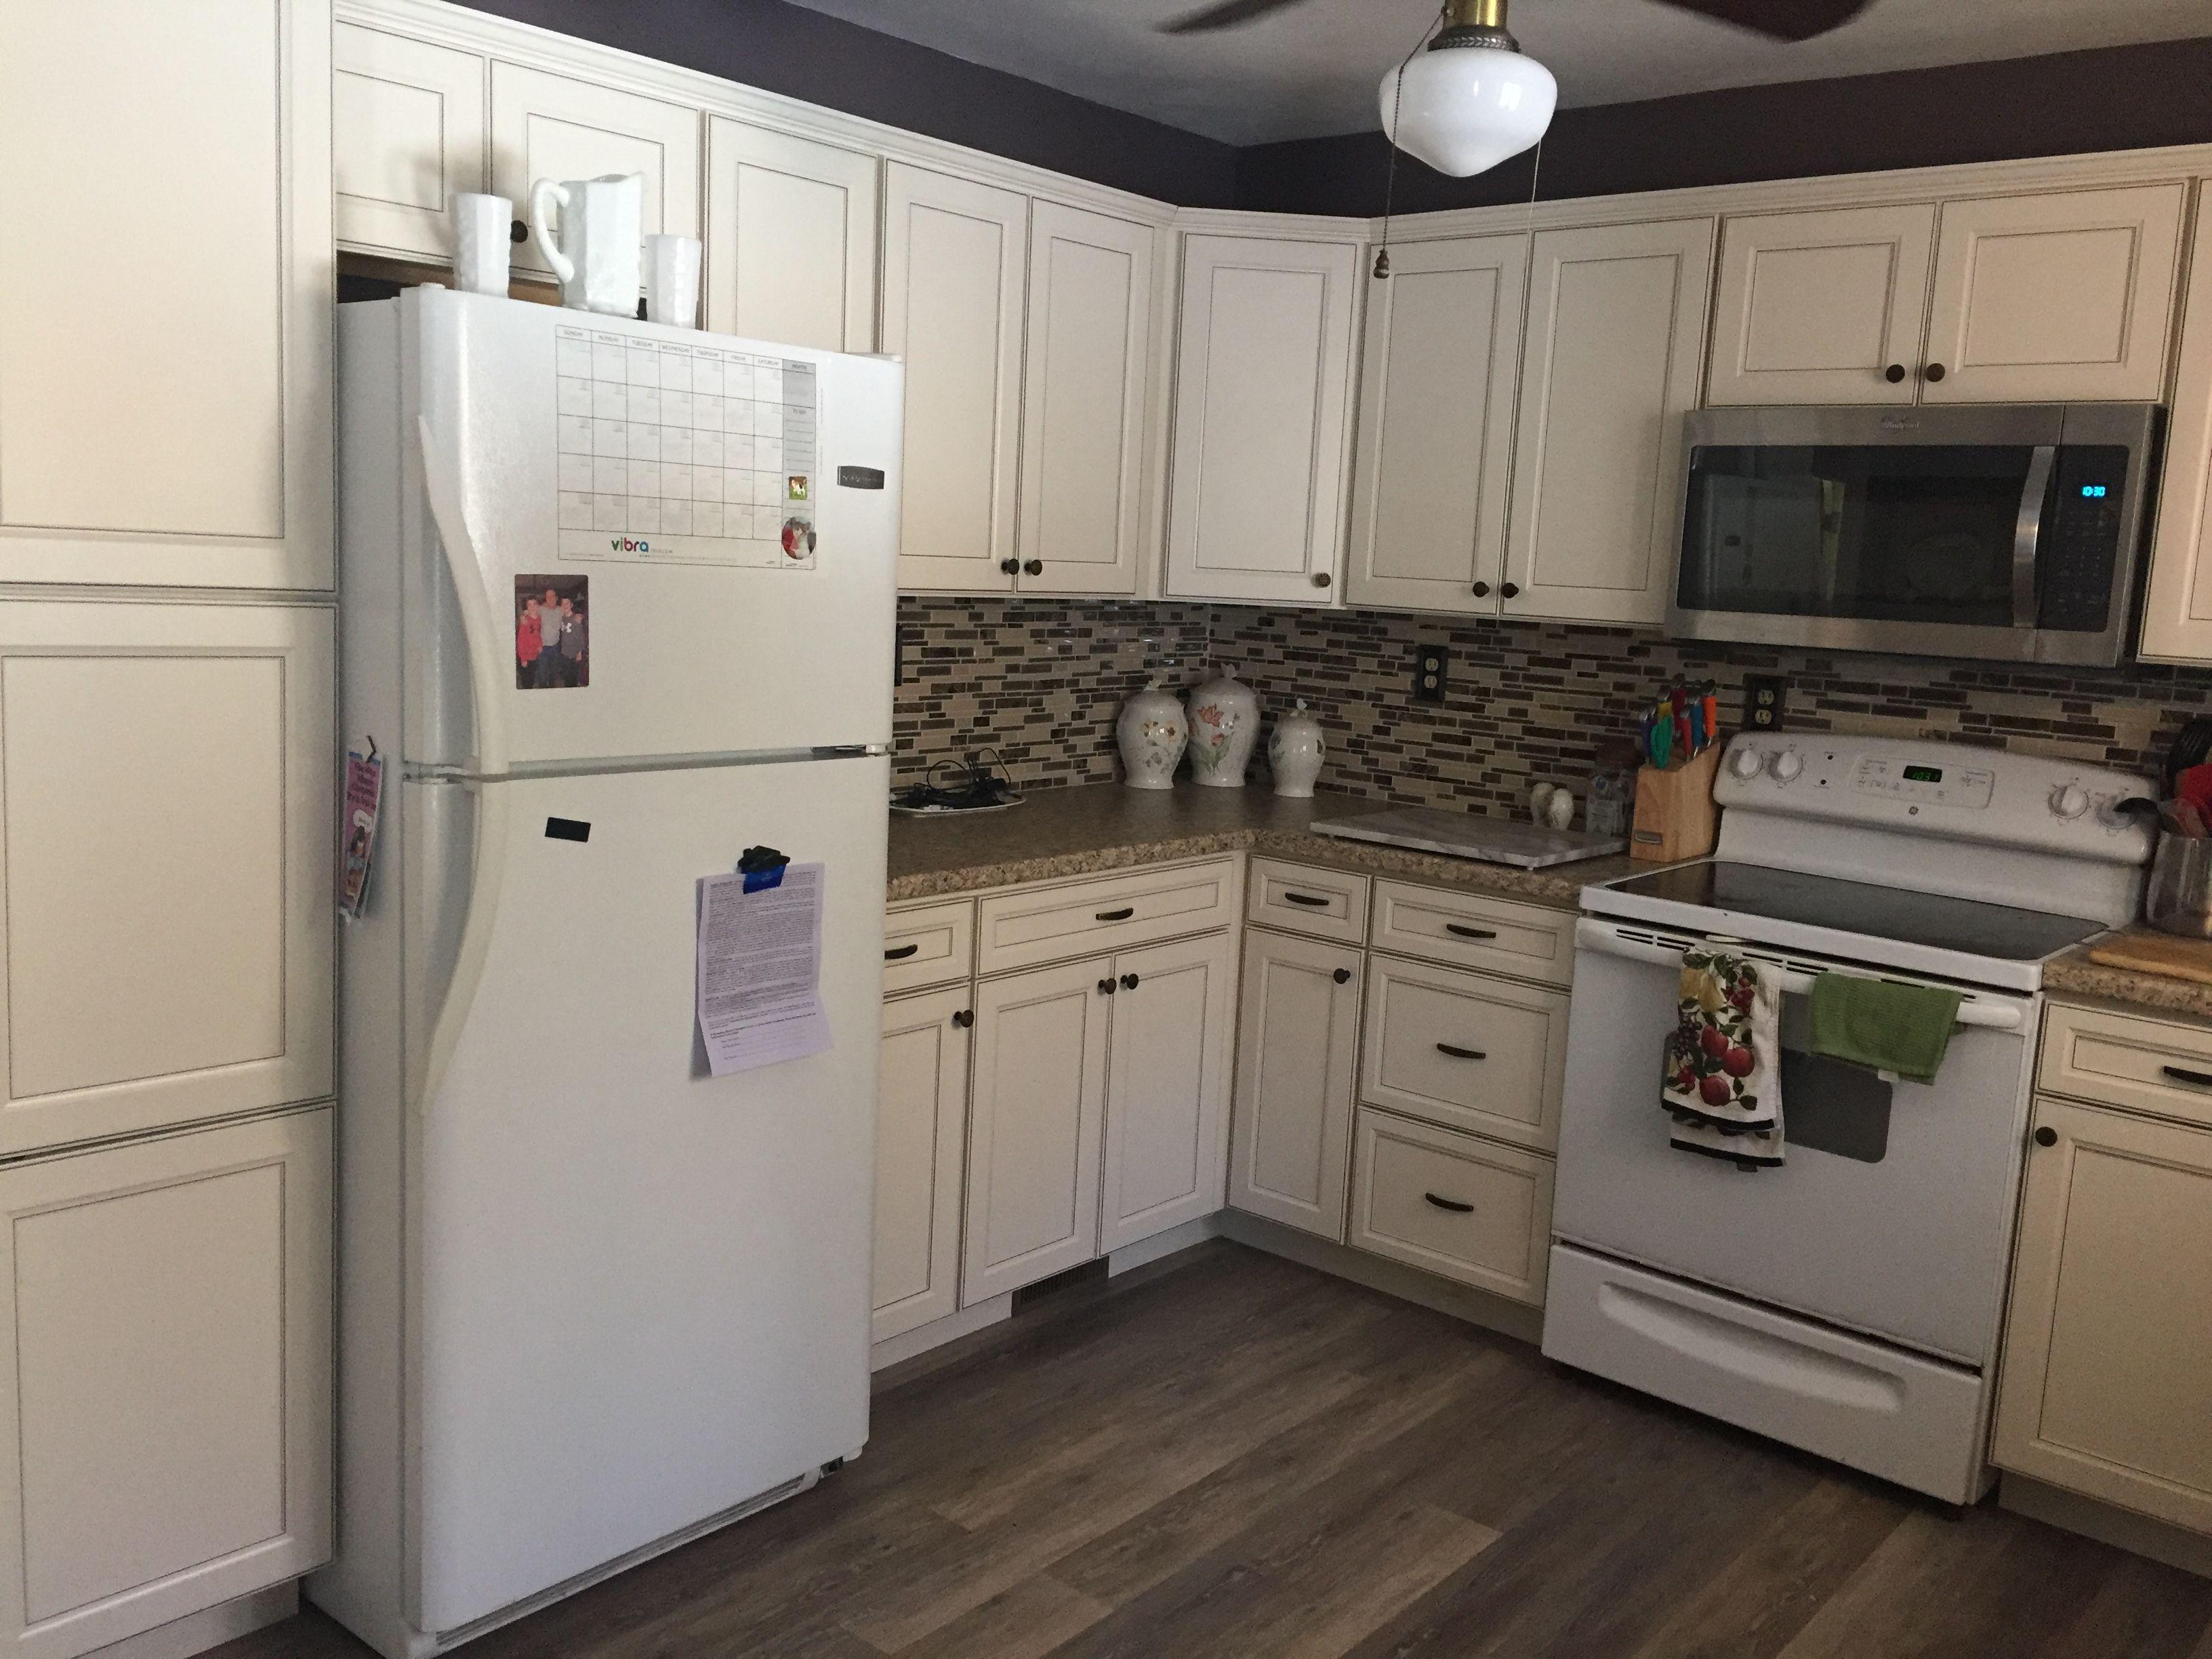 Lowe's Caspian off white kitchen. White kitchen